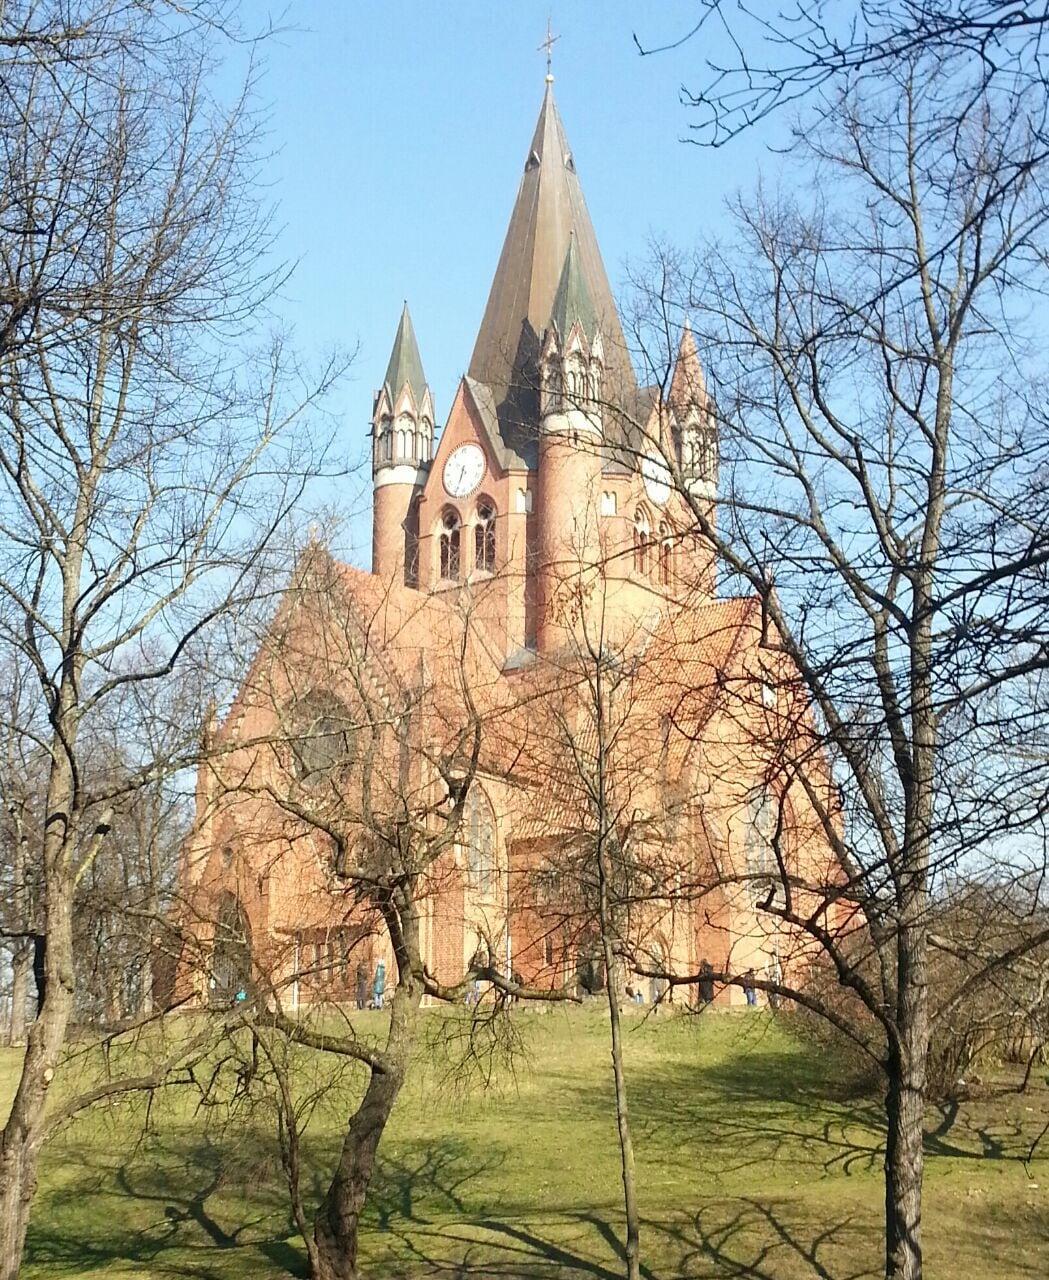 Pötzsch from Halle (Saale)